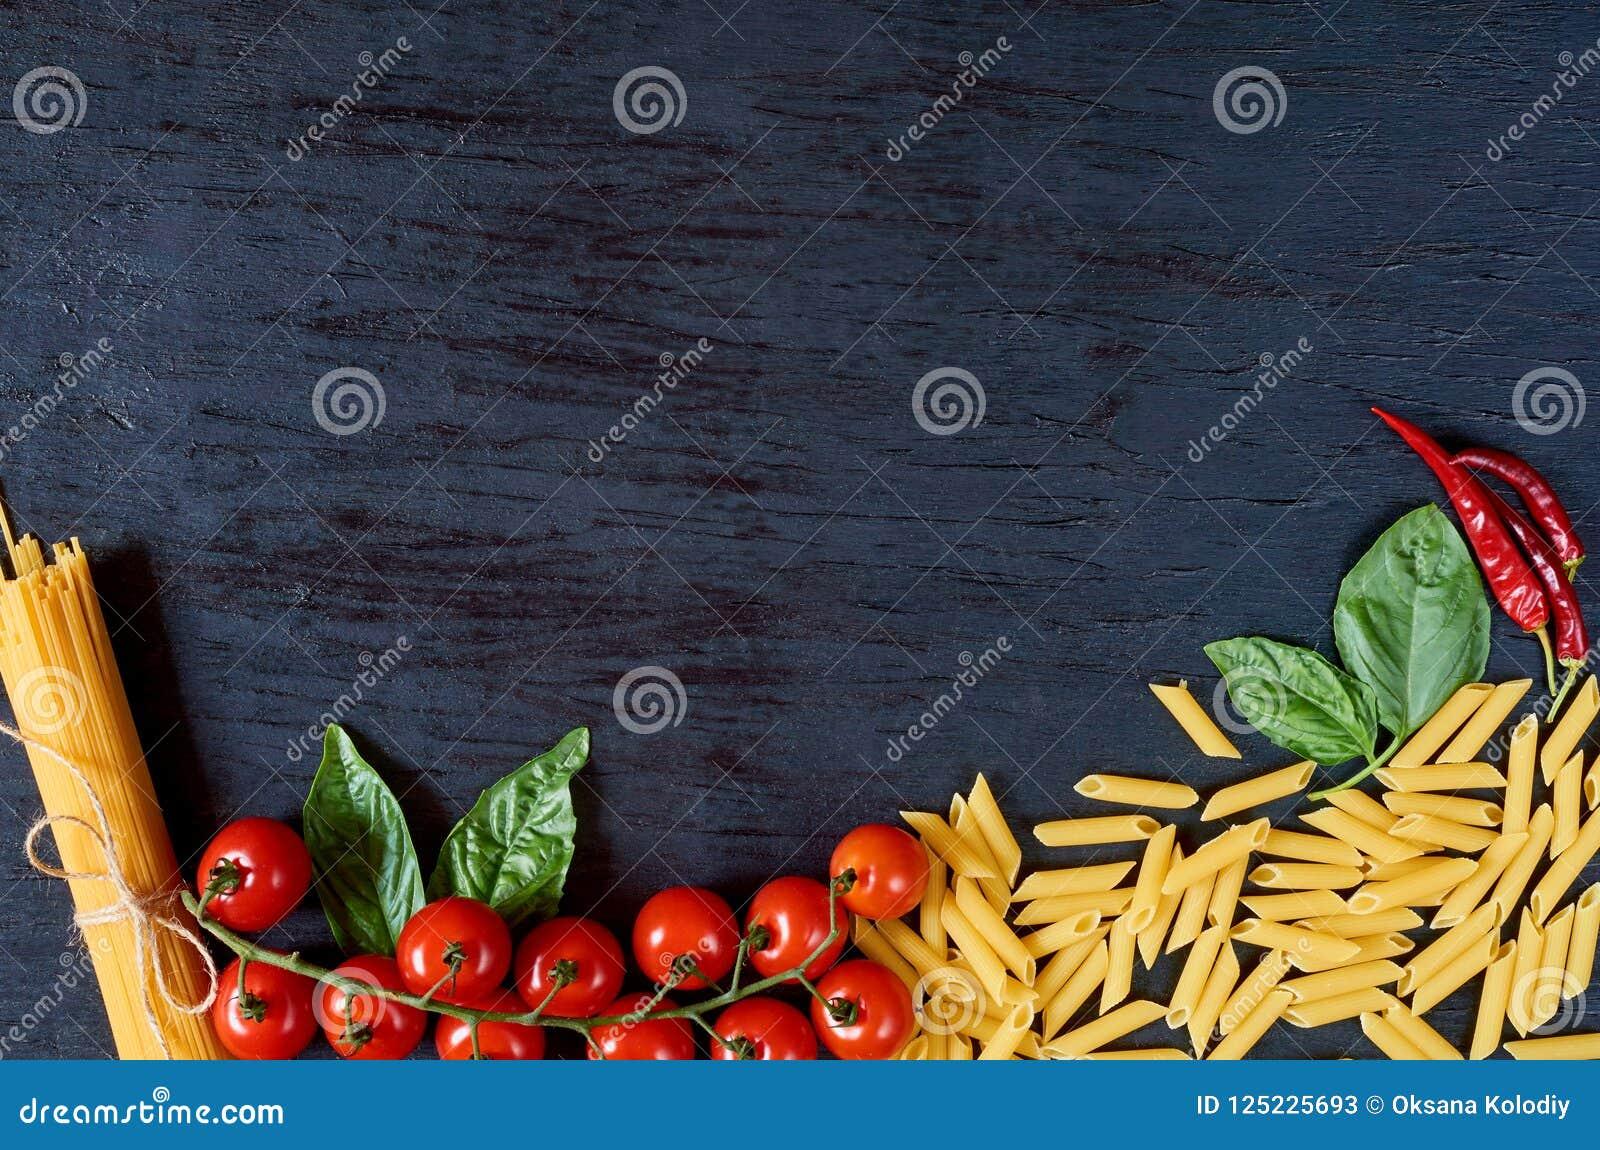 Ιταλικά παραδοσιακά τρόφιμα, καρυκεύματα και συστατικά για το μαγείρεμα: φύλλα βασιλικού, ντομάτες κερασιών, πιπέρι τσίλι και διά